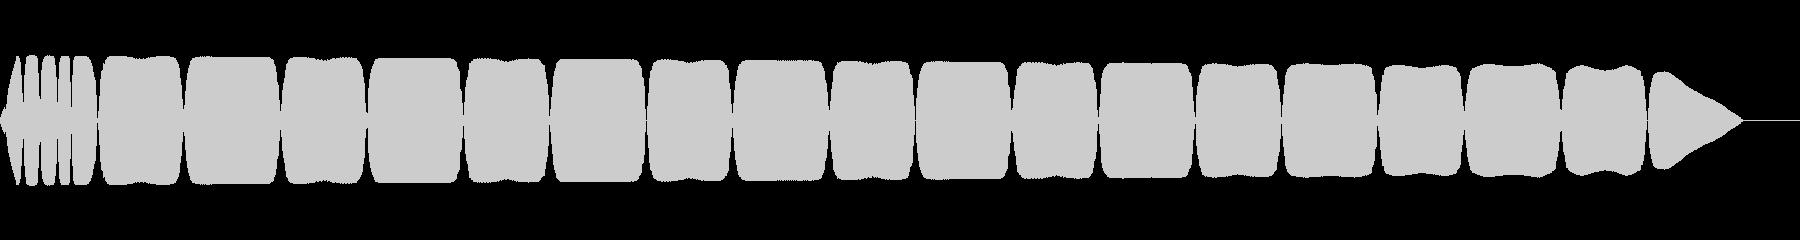 ピロロロ(ファミコン/電話/アラート音の未再生の波形